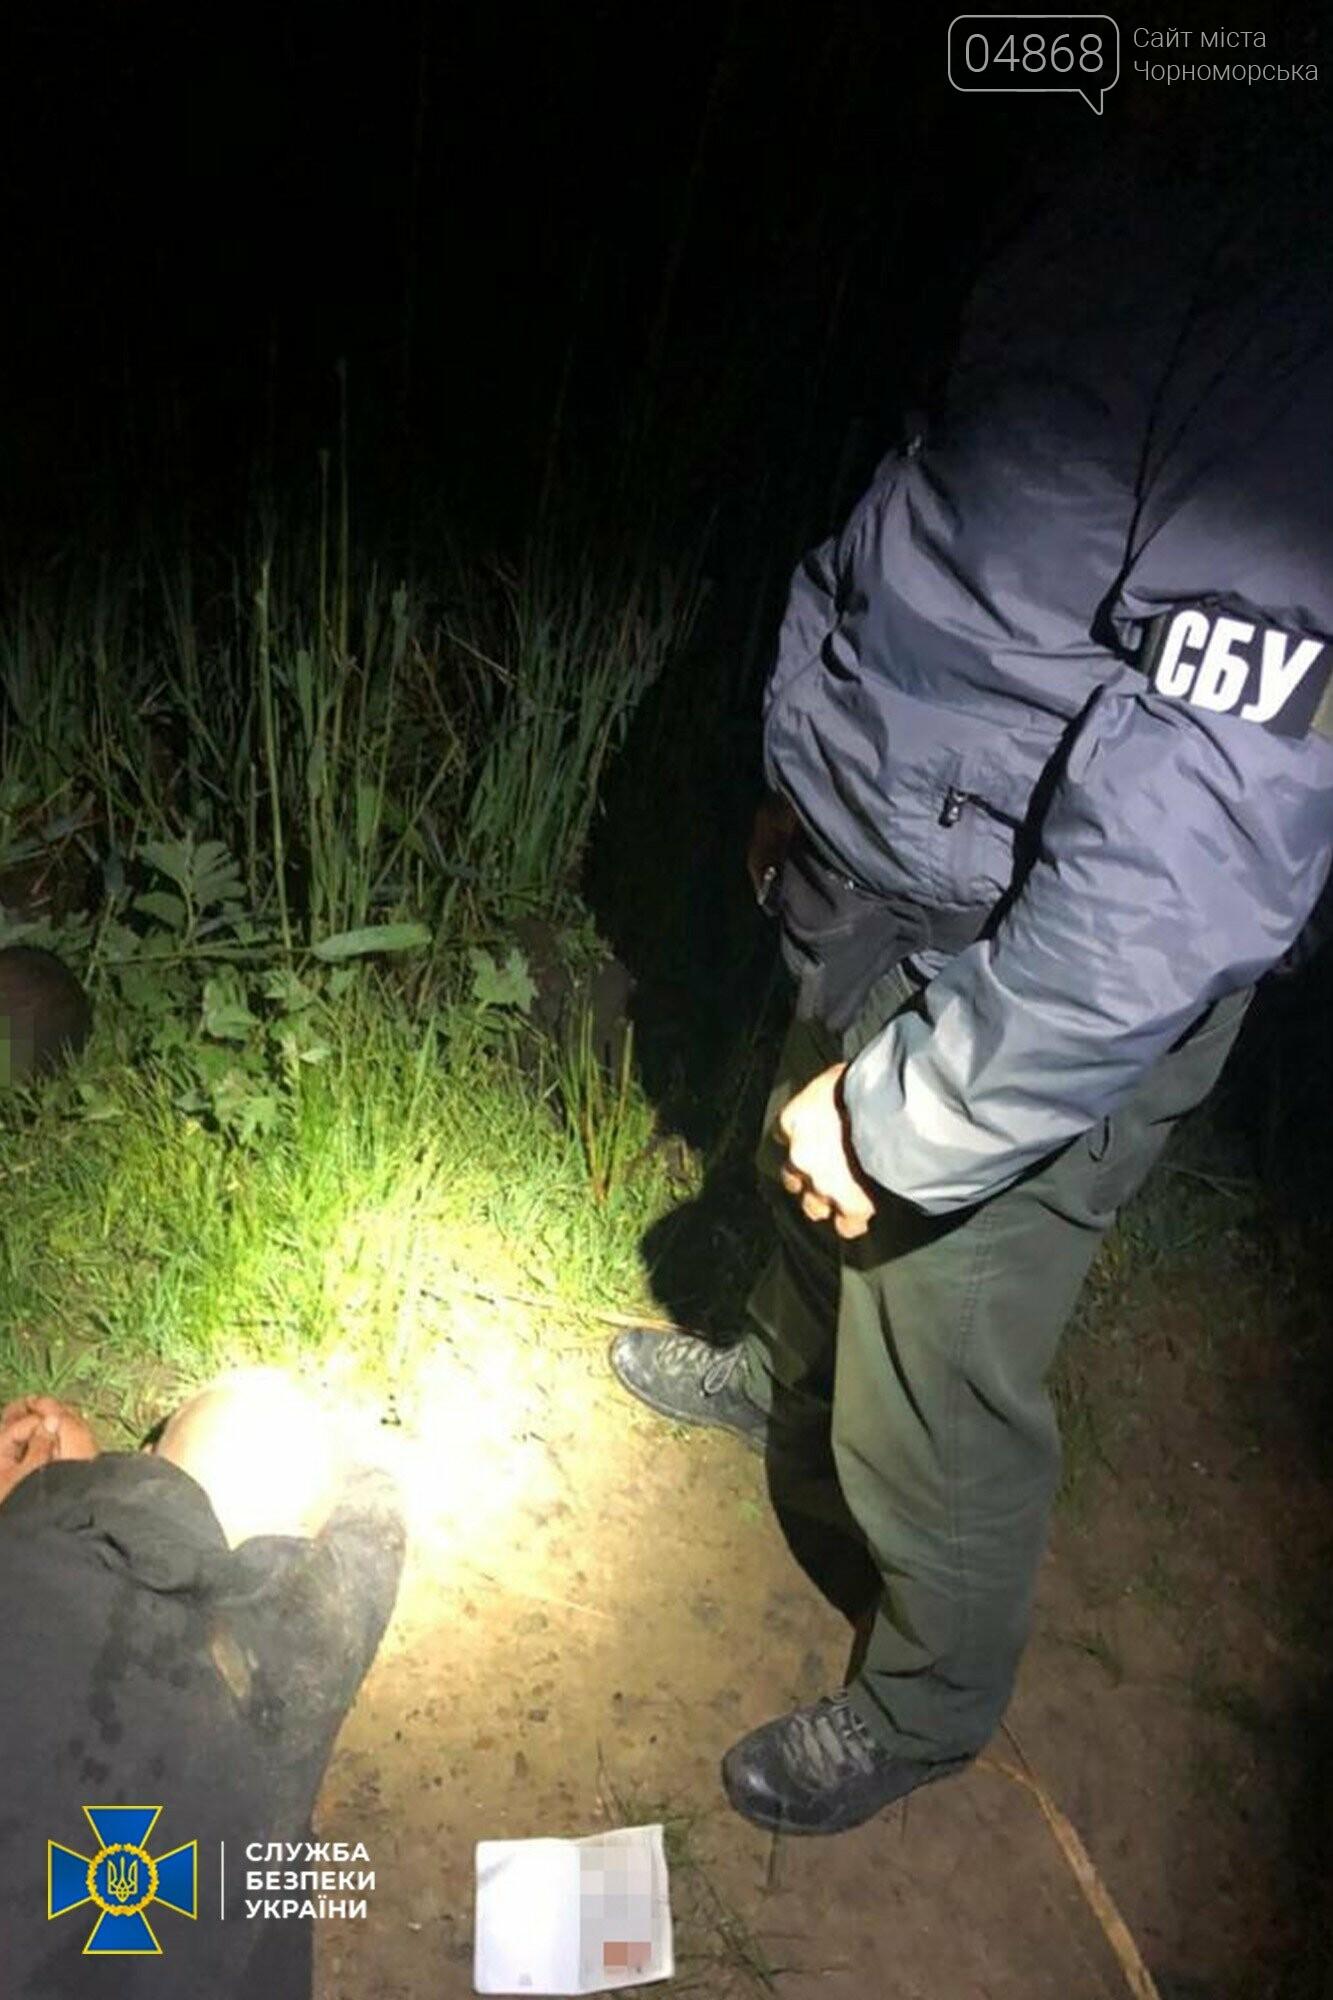 СБУ разоблачила преступную группу: переправляли мигрантов, оружие, товары, фото-2